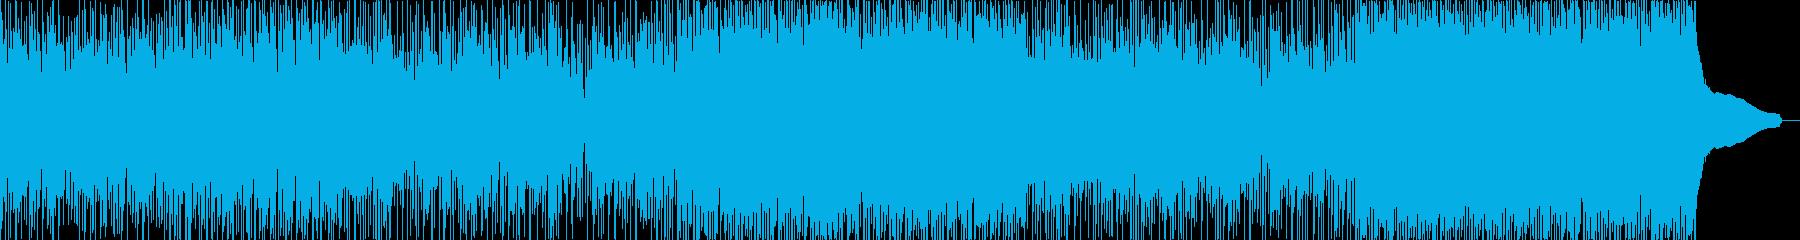 ホワイトデ―のメロウでファンタジックな曲の再生済みの波形